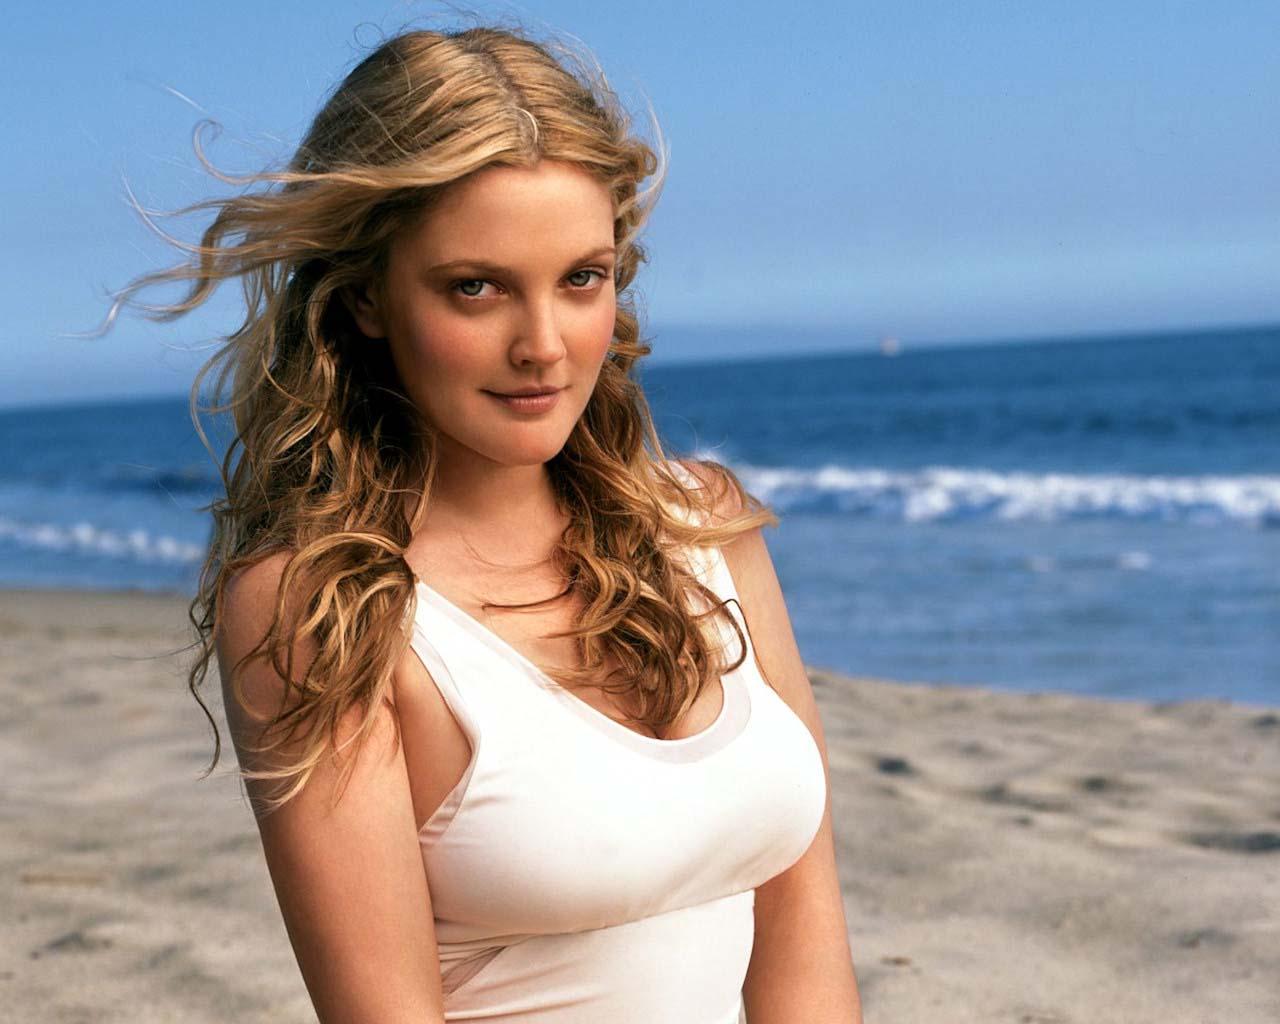 http://1.bp.blogspot.com/-WzLiRwWht9c/TdNvAGPUxtI/AAAAAAAAADk/H70Z7YYevB4/s1600/Hot-Drew-Barrymore-top-paid-actress-2011.jpg